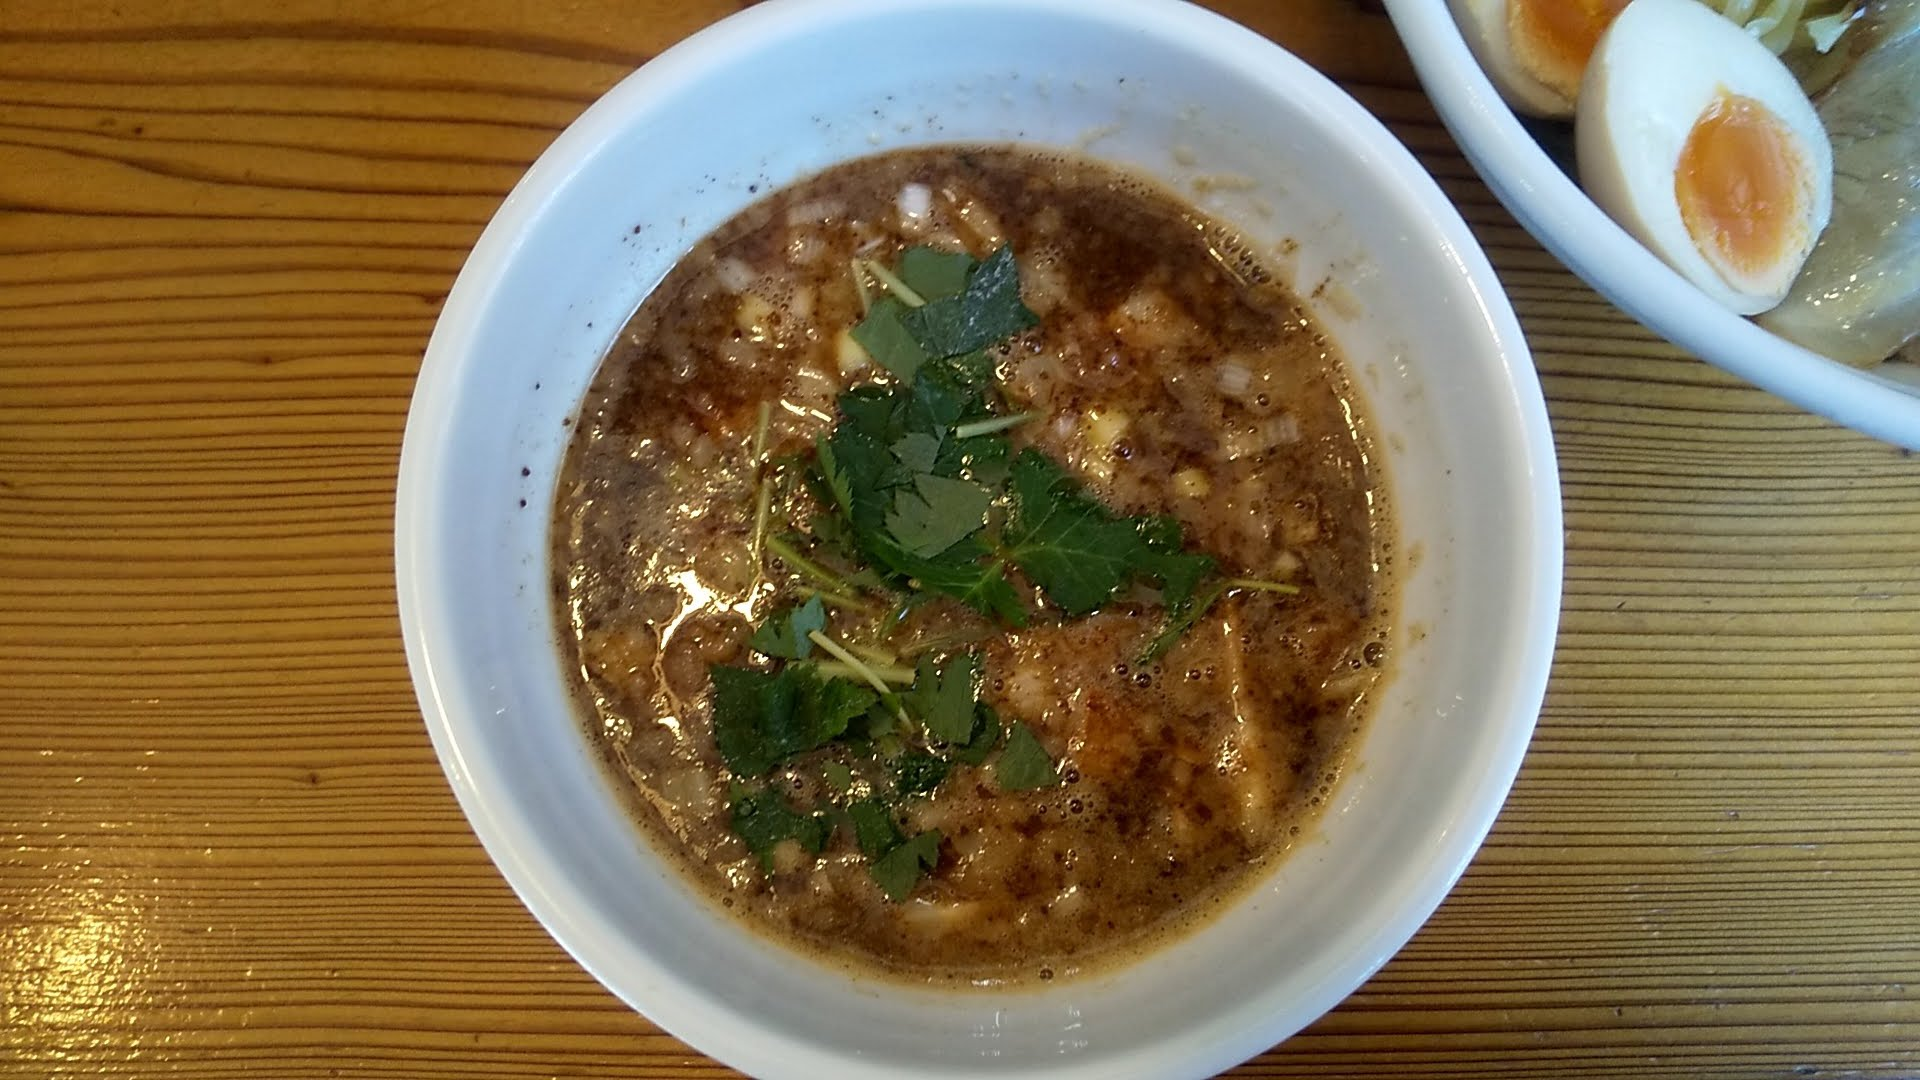 月星の特製つけ麺のつけ汁の写真